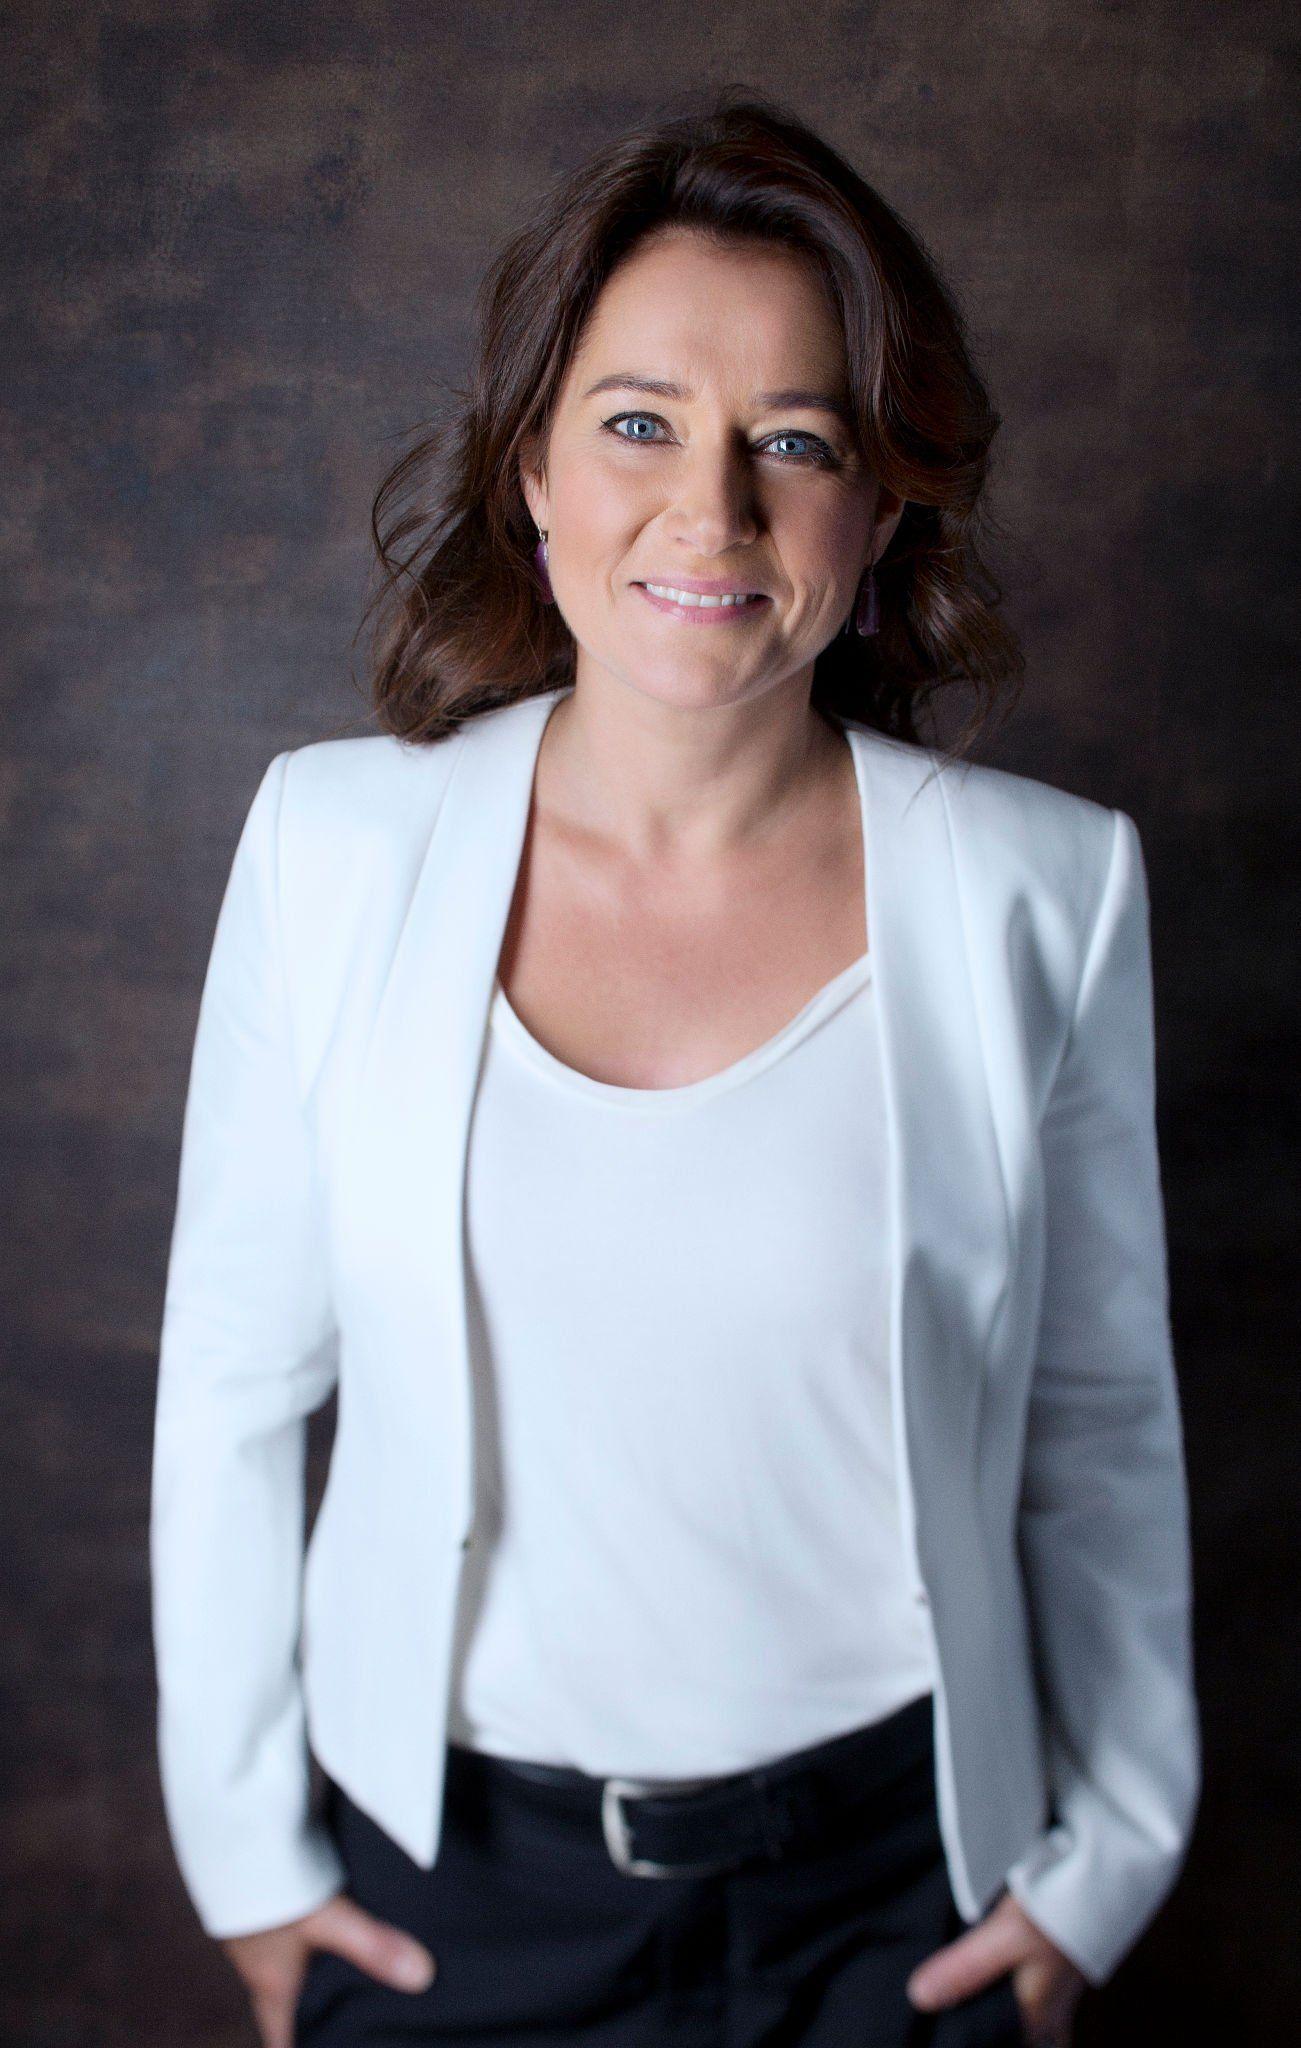 Sidse Babett-Knudsen | Danish actresses, Leather jacket